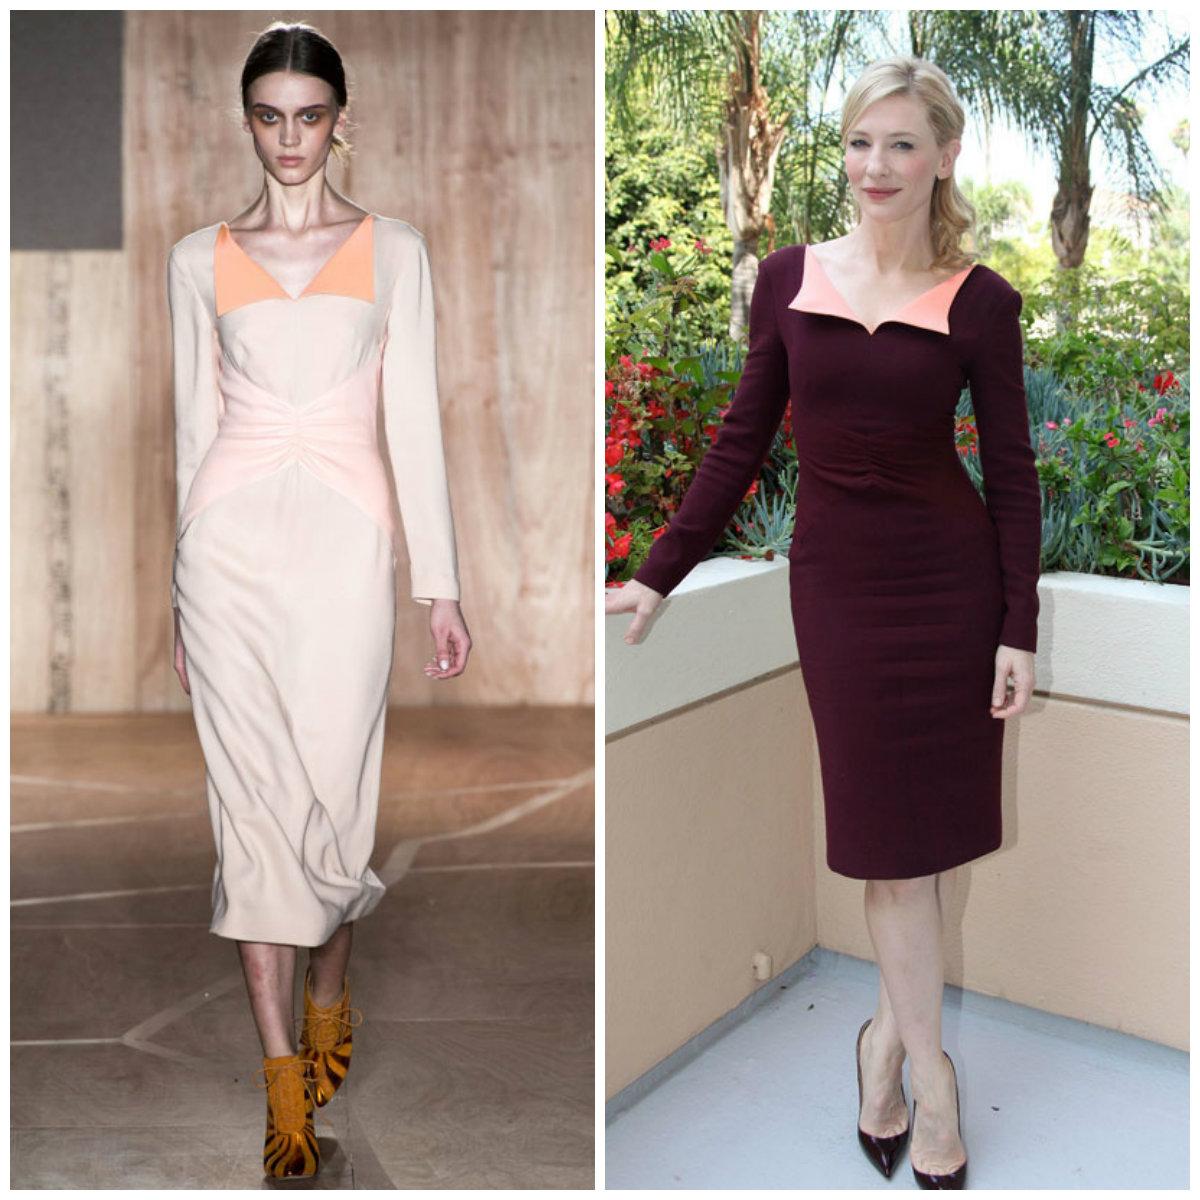 Cate Blanchett en robe de cocktail courte fourreau de la collection automne-hiver 2013-2014 de Roksanda Ilinic